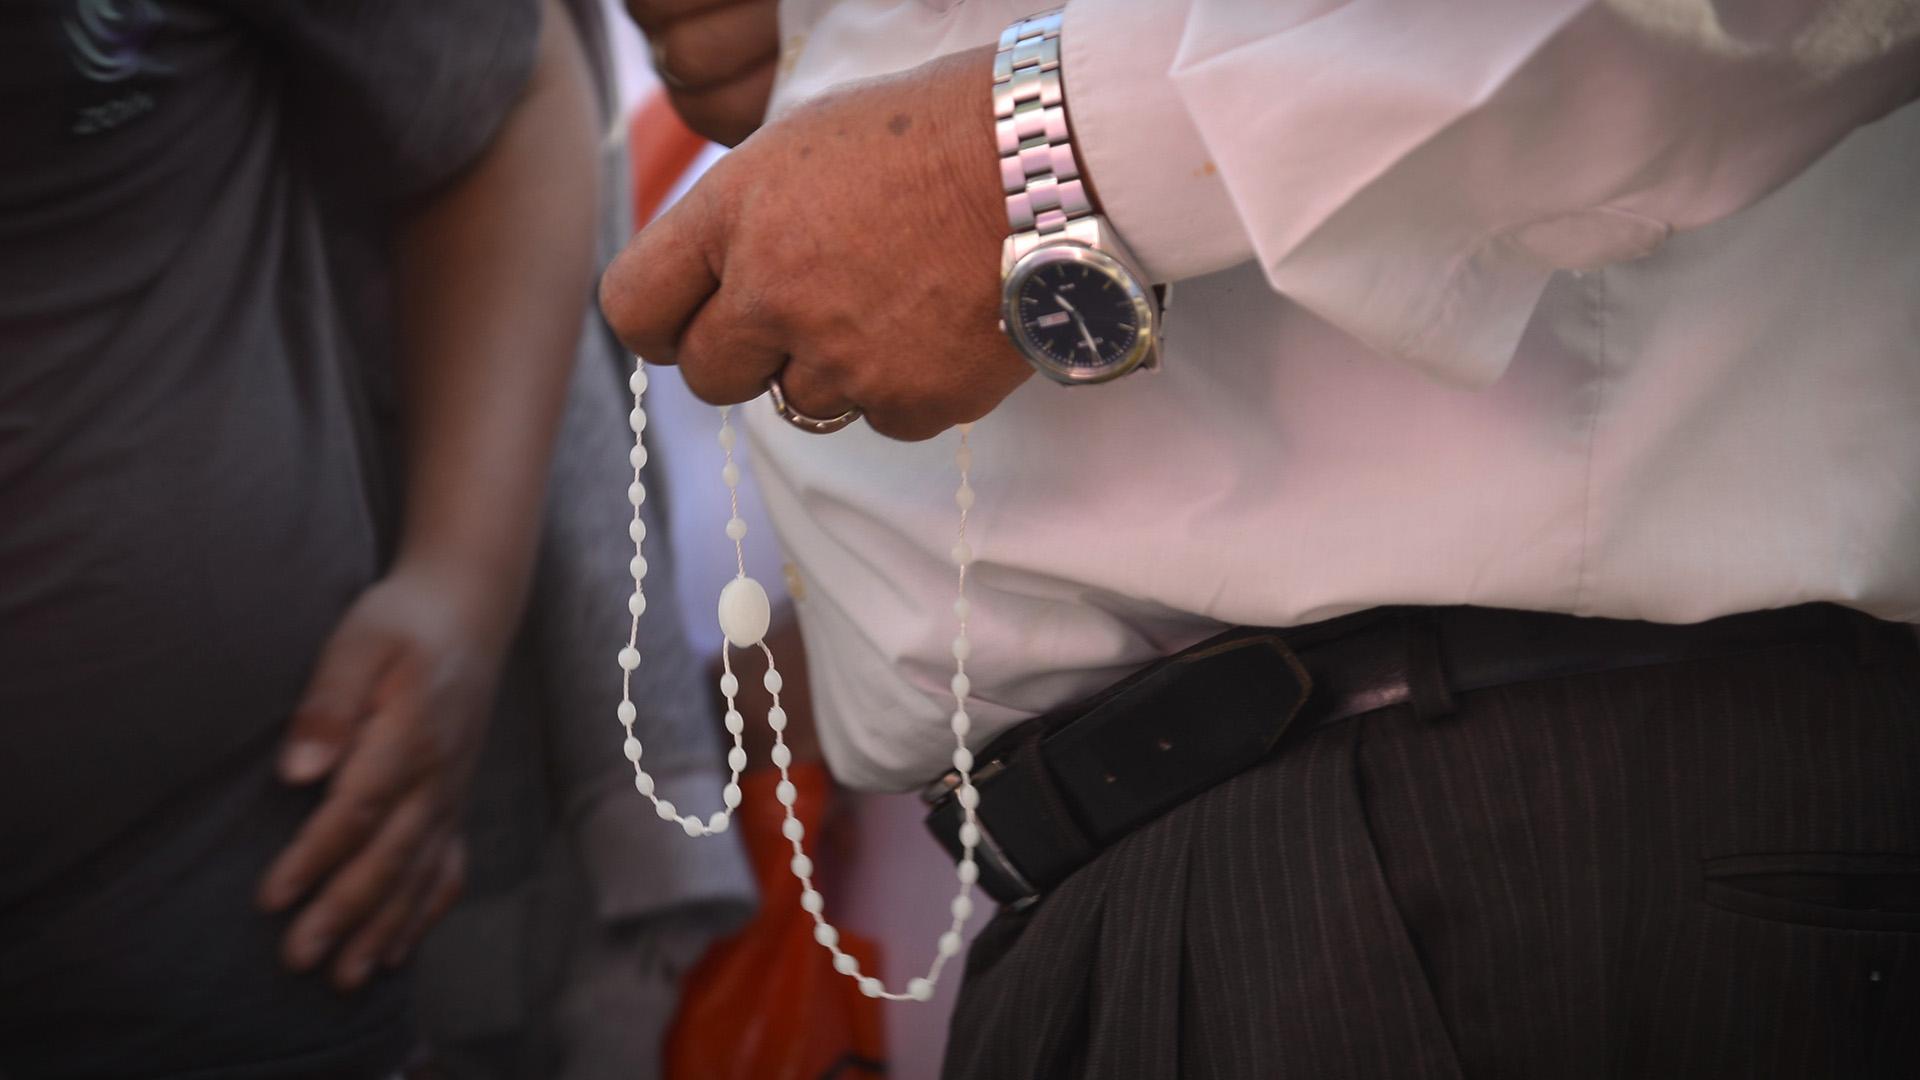 Lamovilización coincidió con la celebración del Domingo de Ramos de la Iglesia Católica